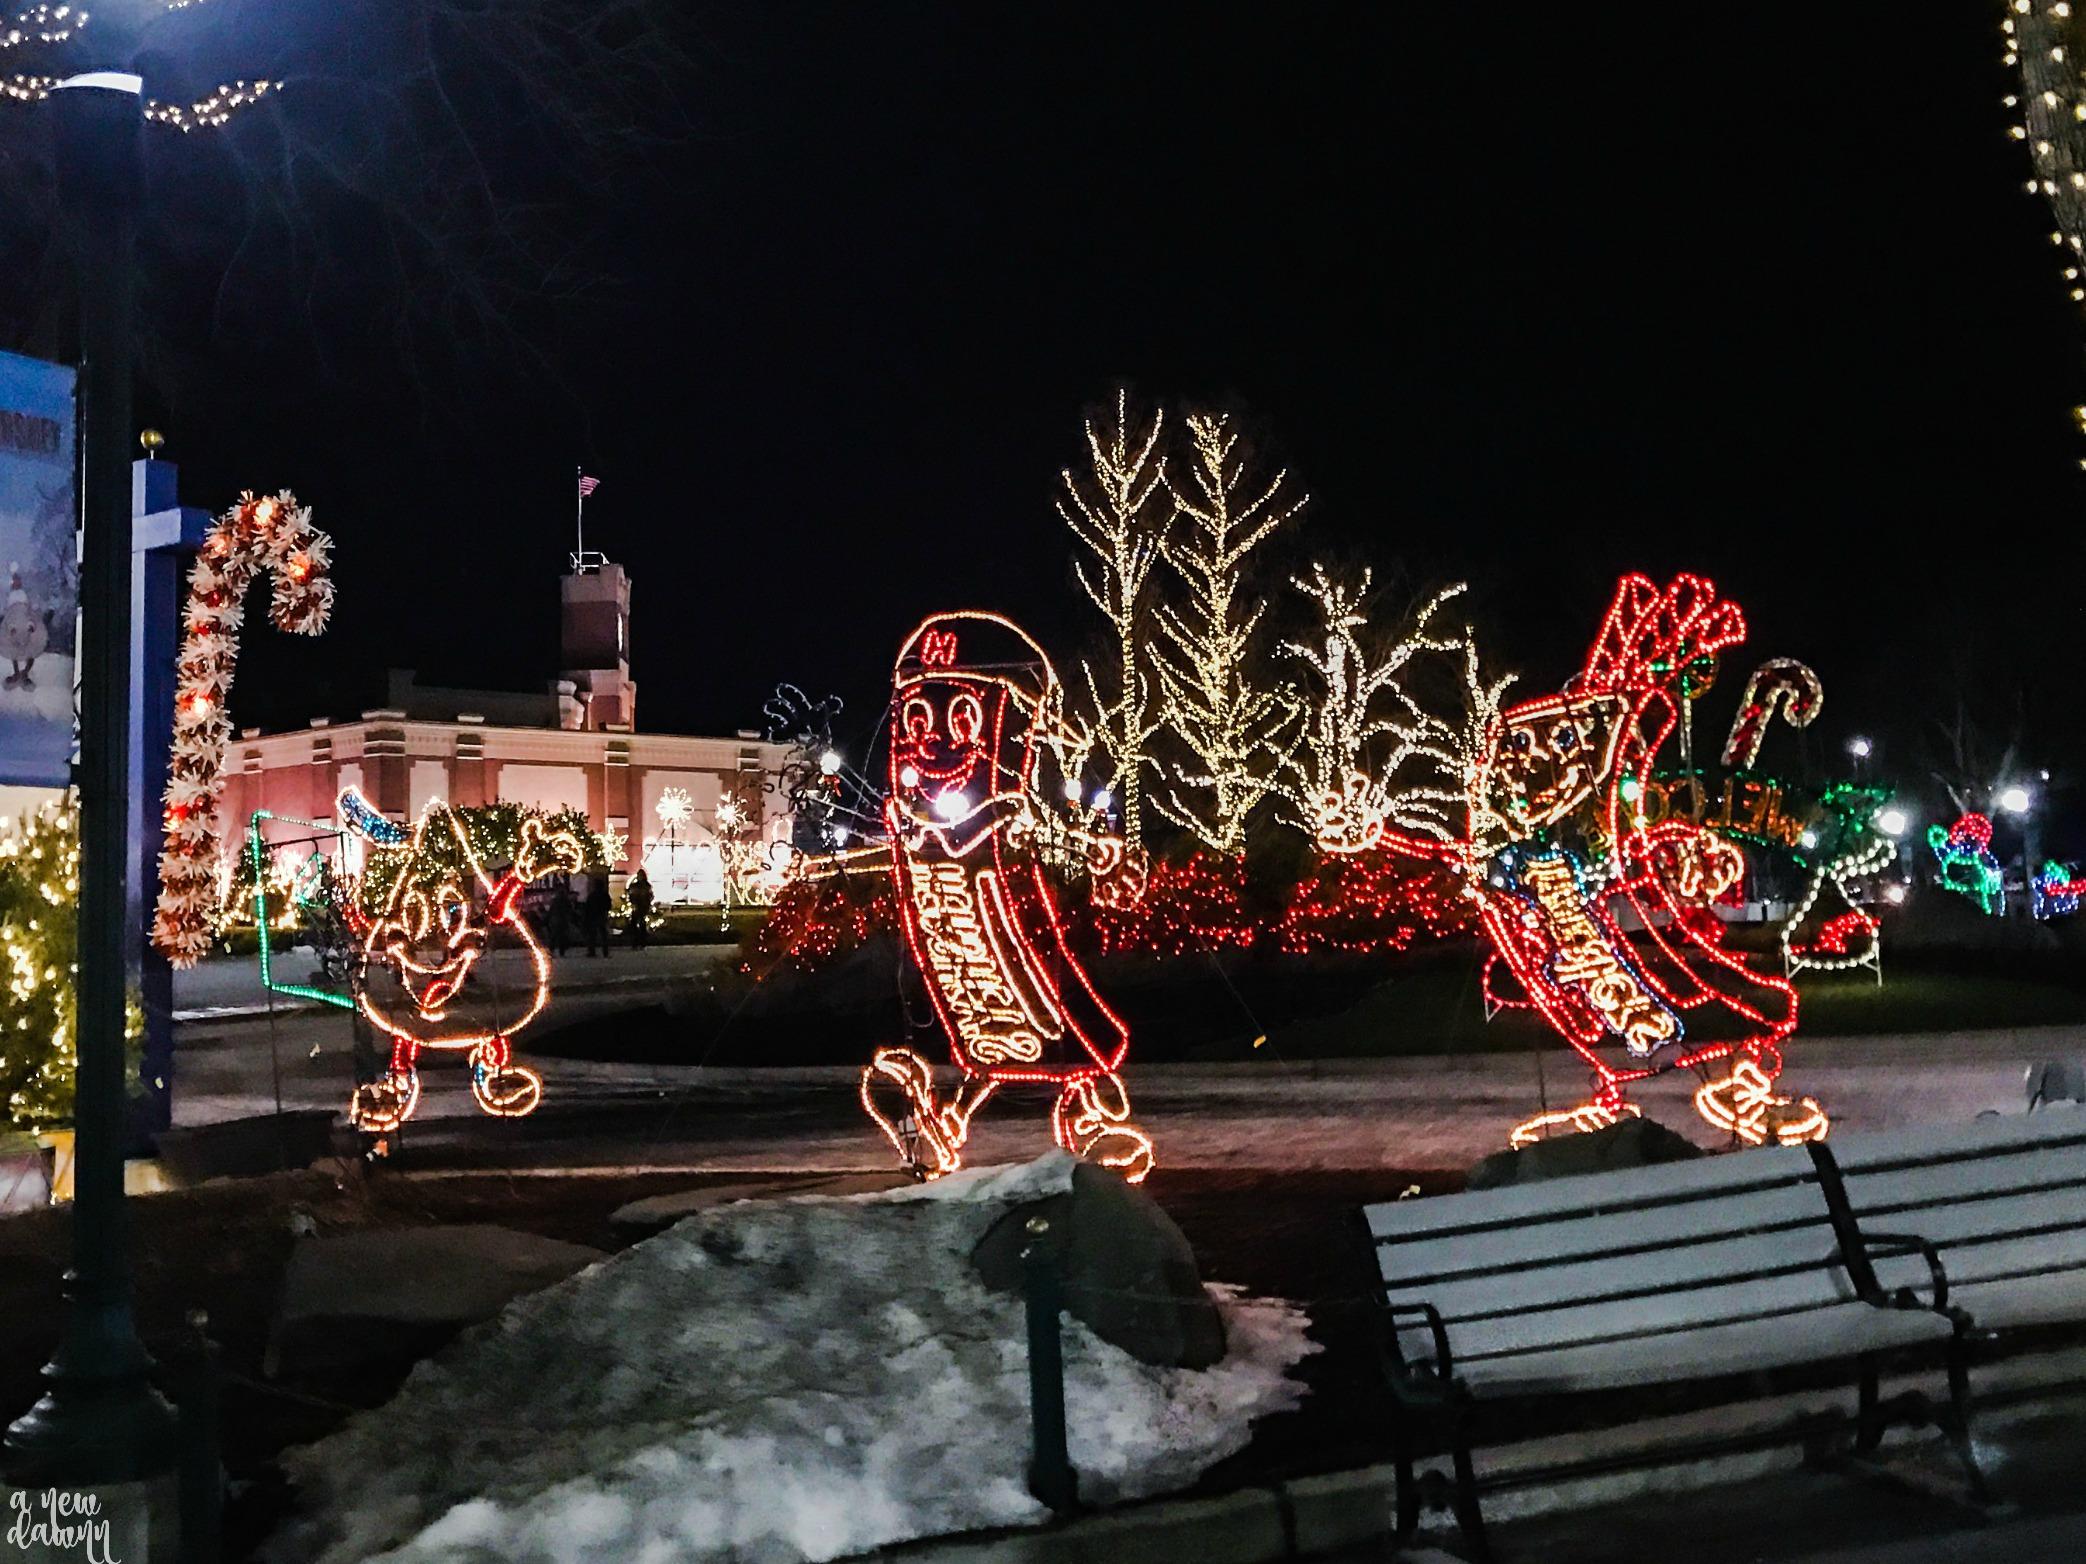 Hershey at Christmas